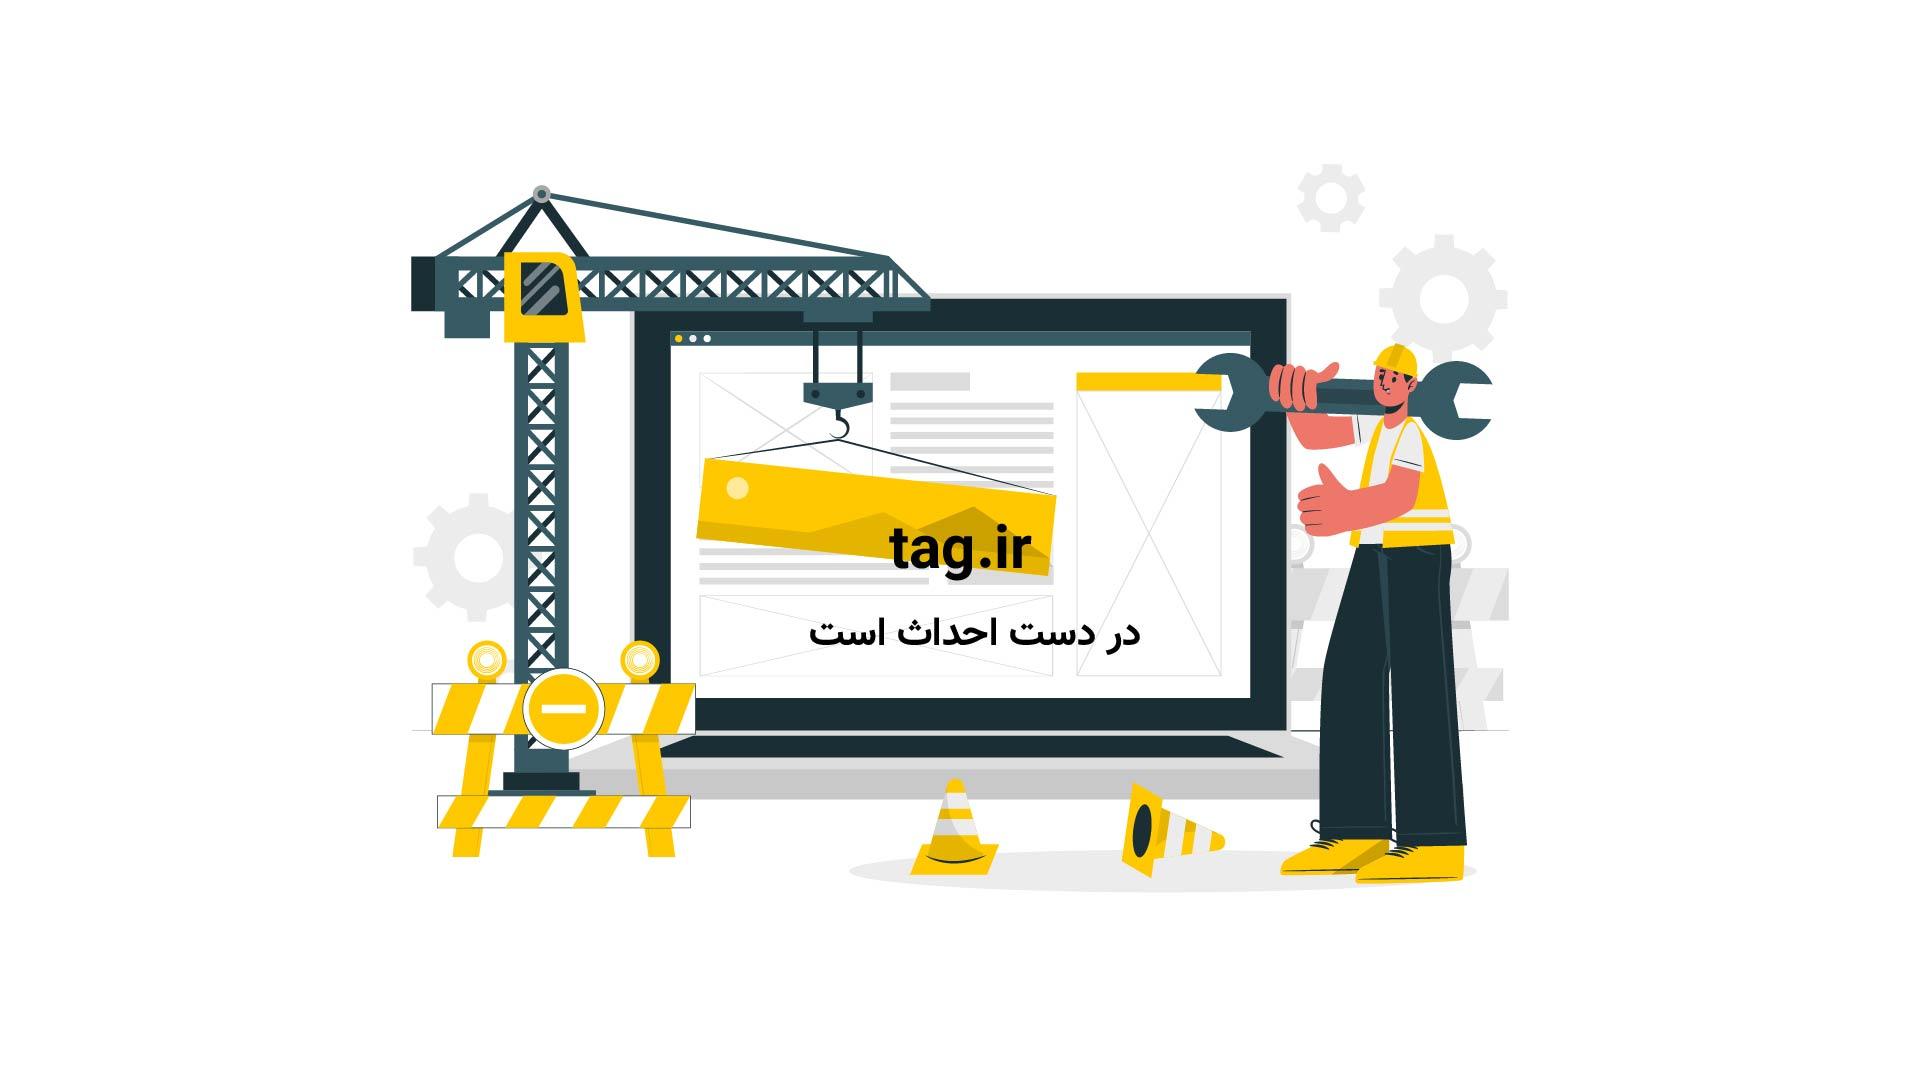 آتش سوزی در واحد ۵۵ پالایشگاه آبادان مهار شد | فیلم